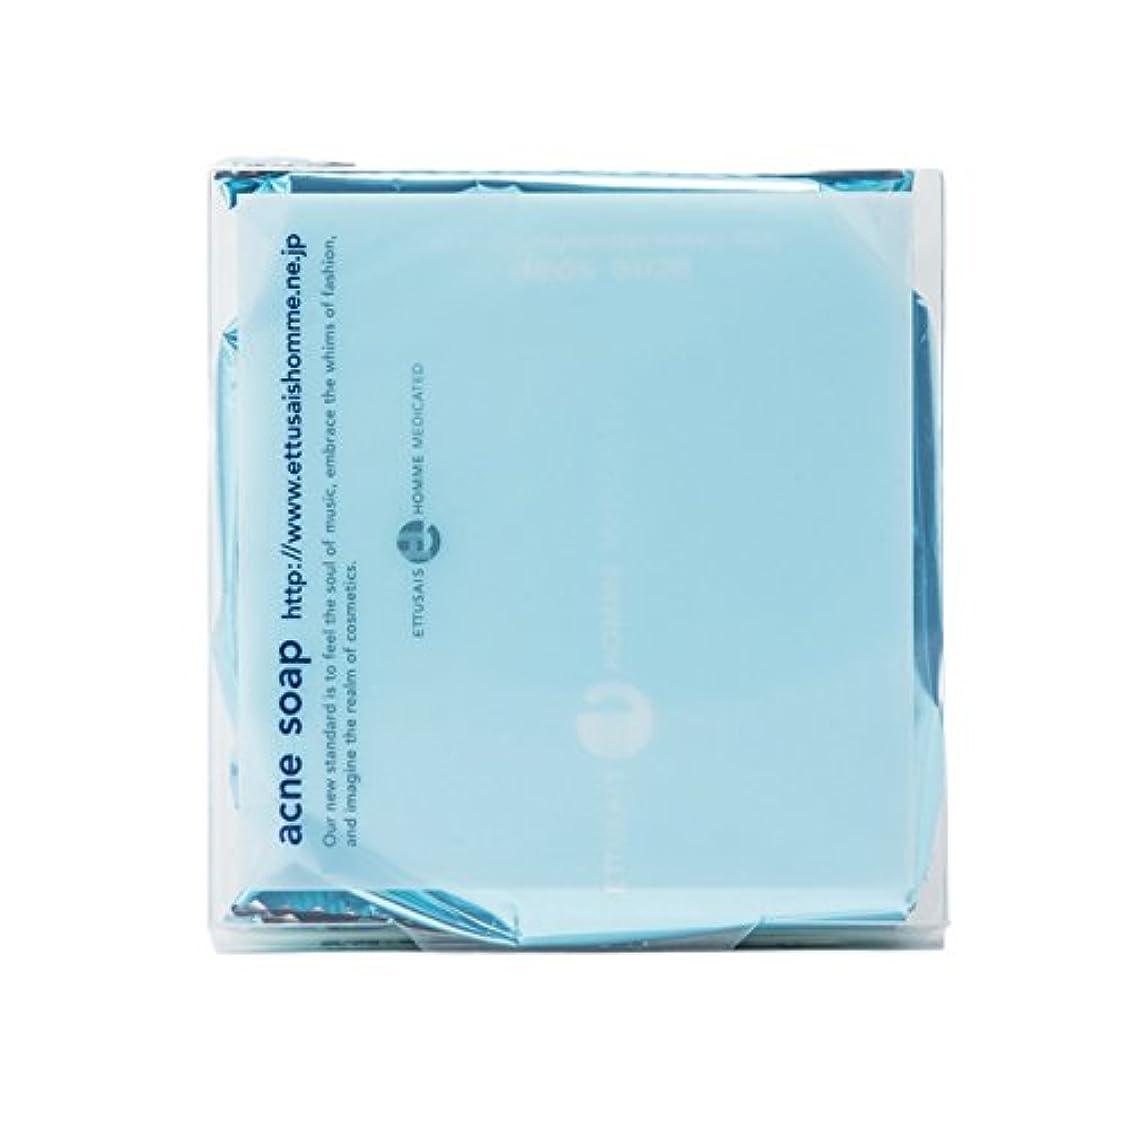 なんとなく腹痛物質[医薬部外品] エテュセ オム 薬用アクネ ソープ 薬用石けん 100g